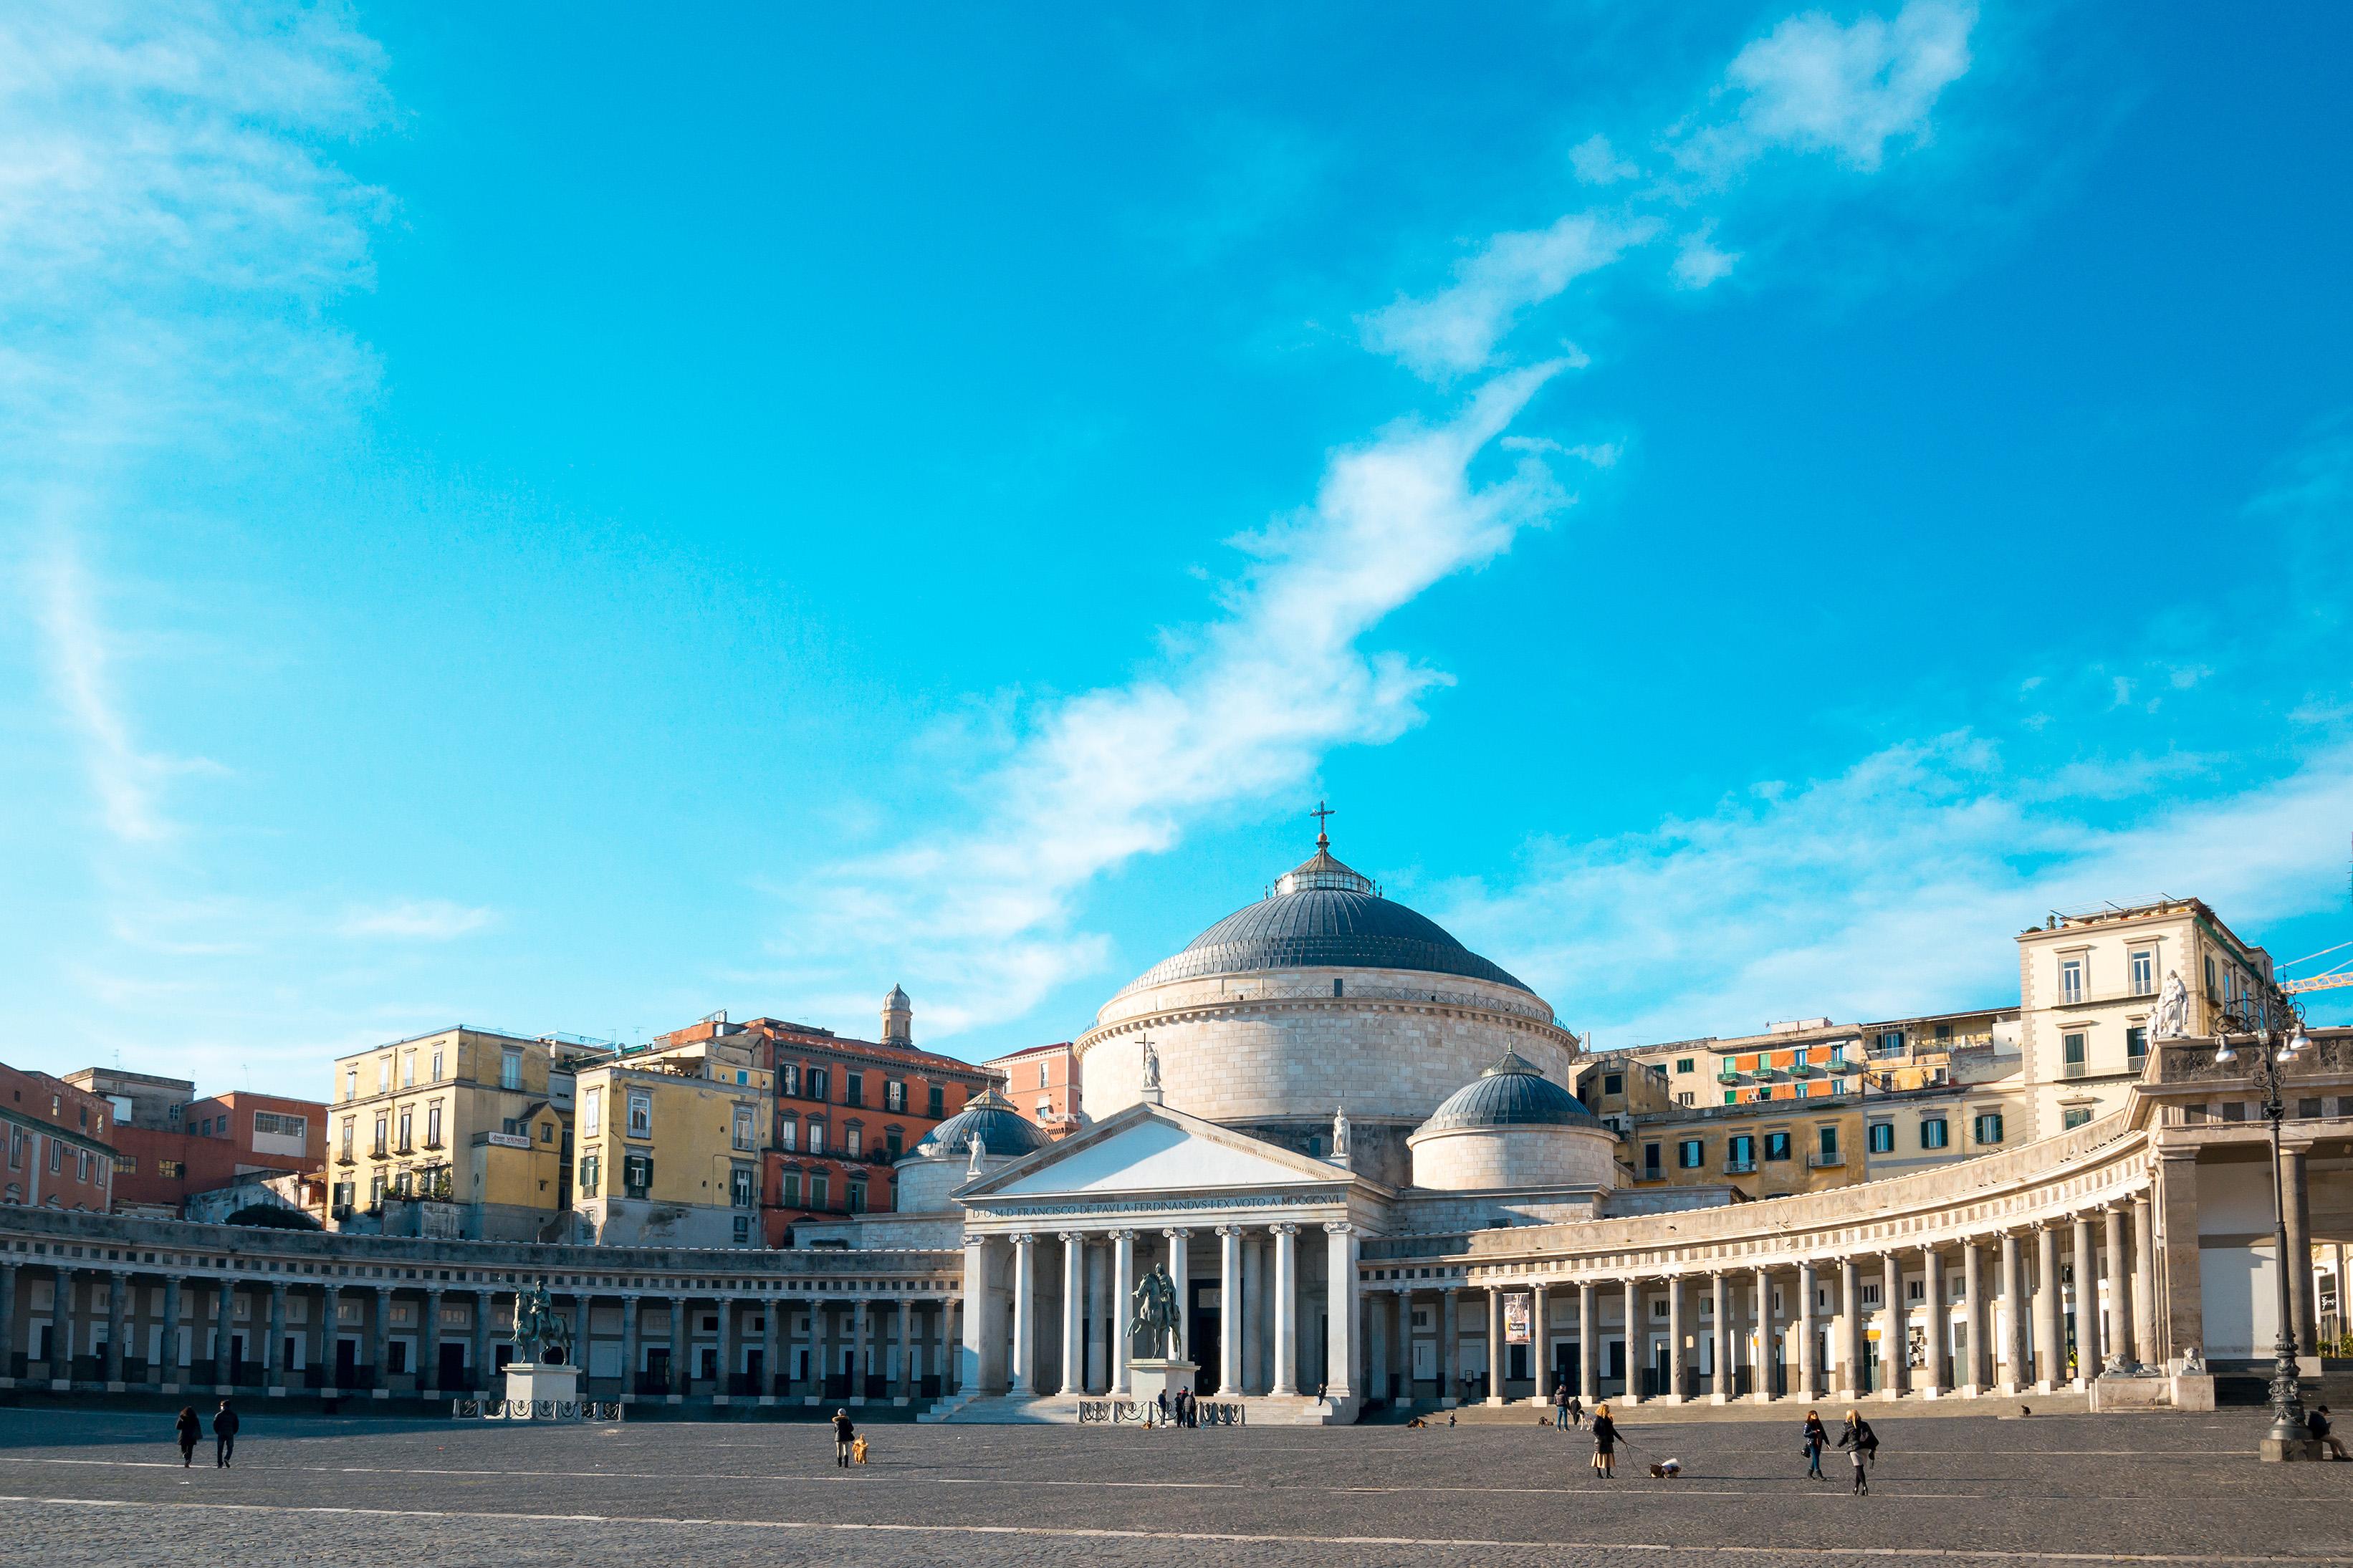 Qué ver en Nápoles: la plaza del Plebiscito